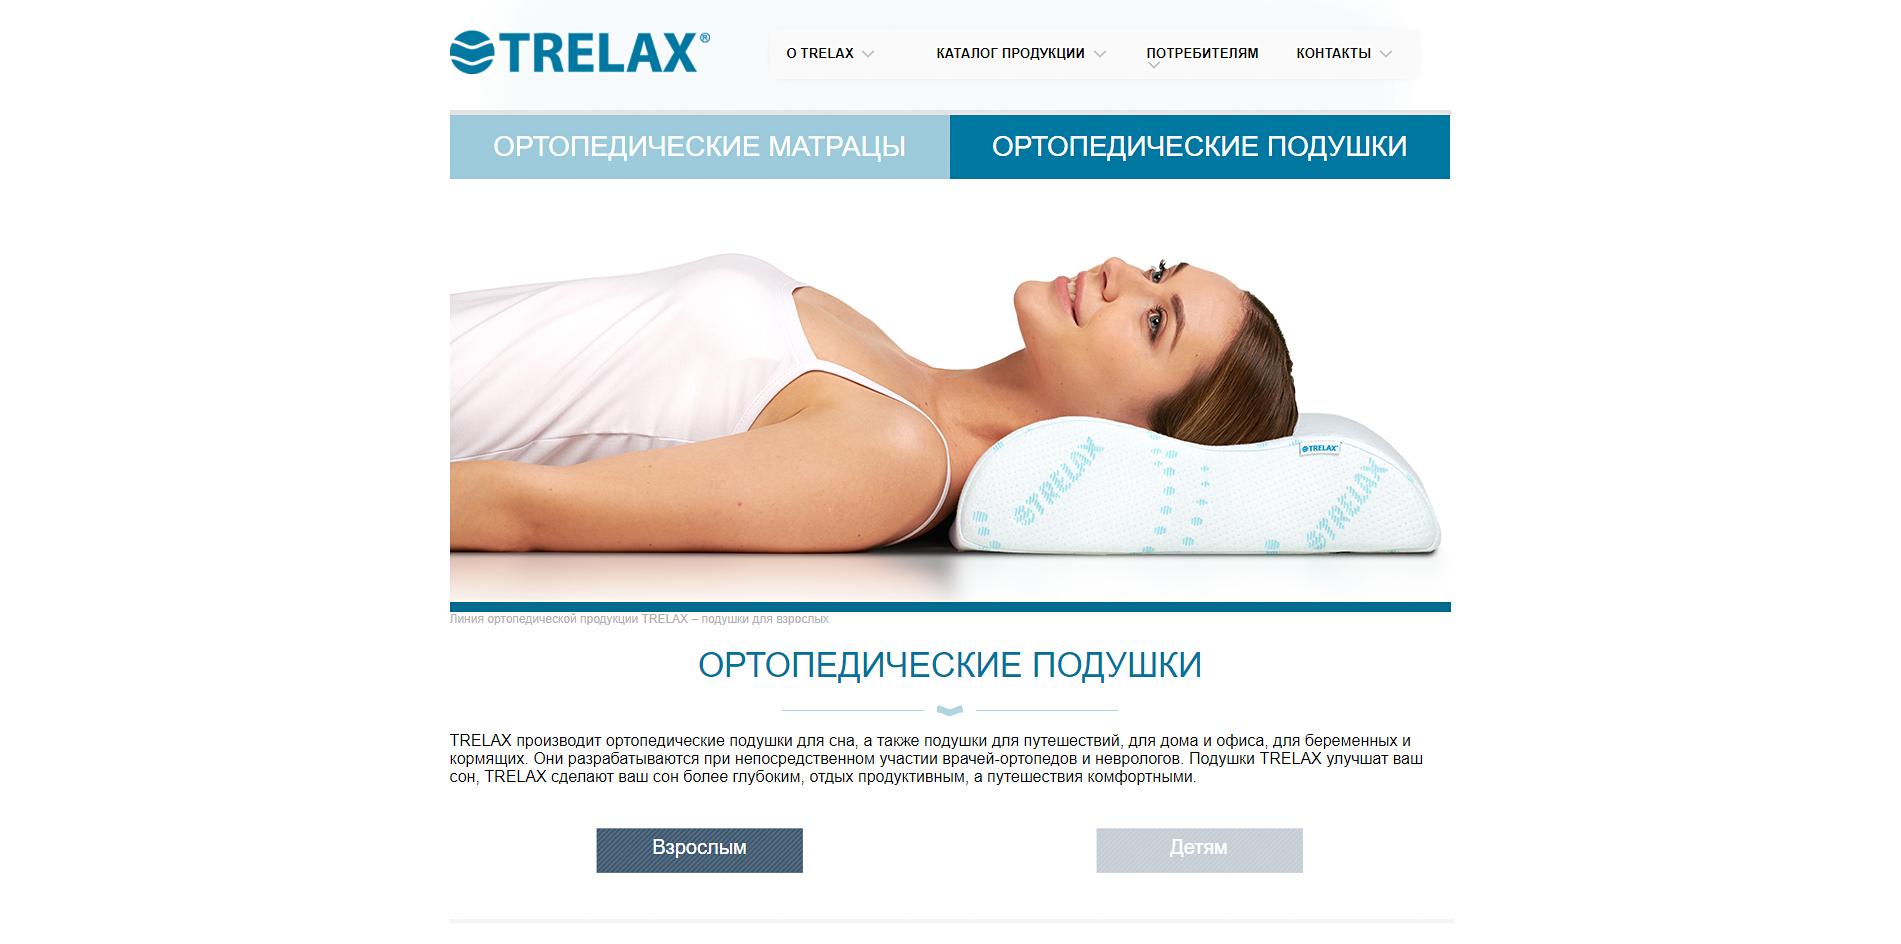 Официальный сайт Trelax